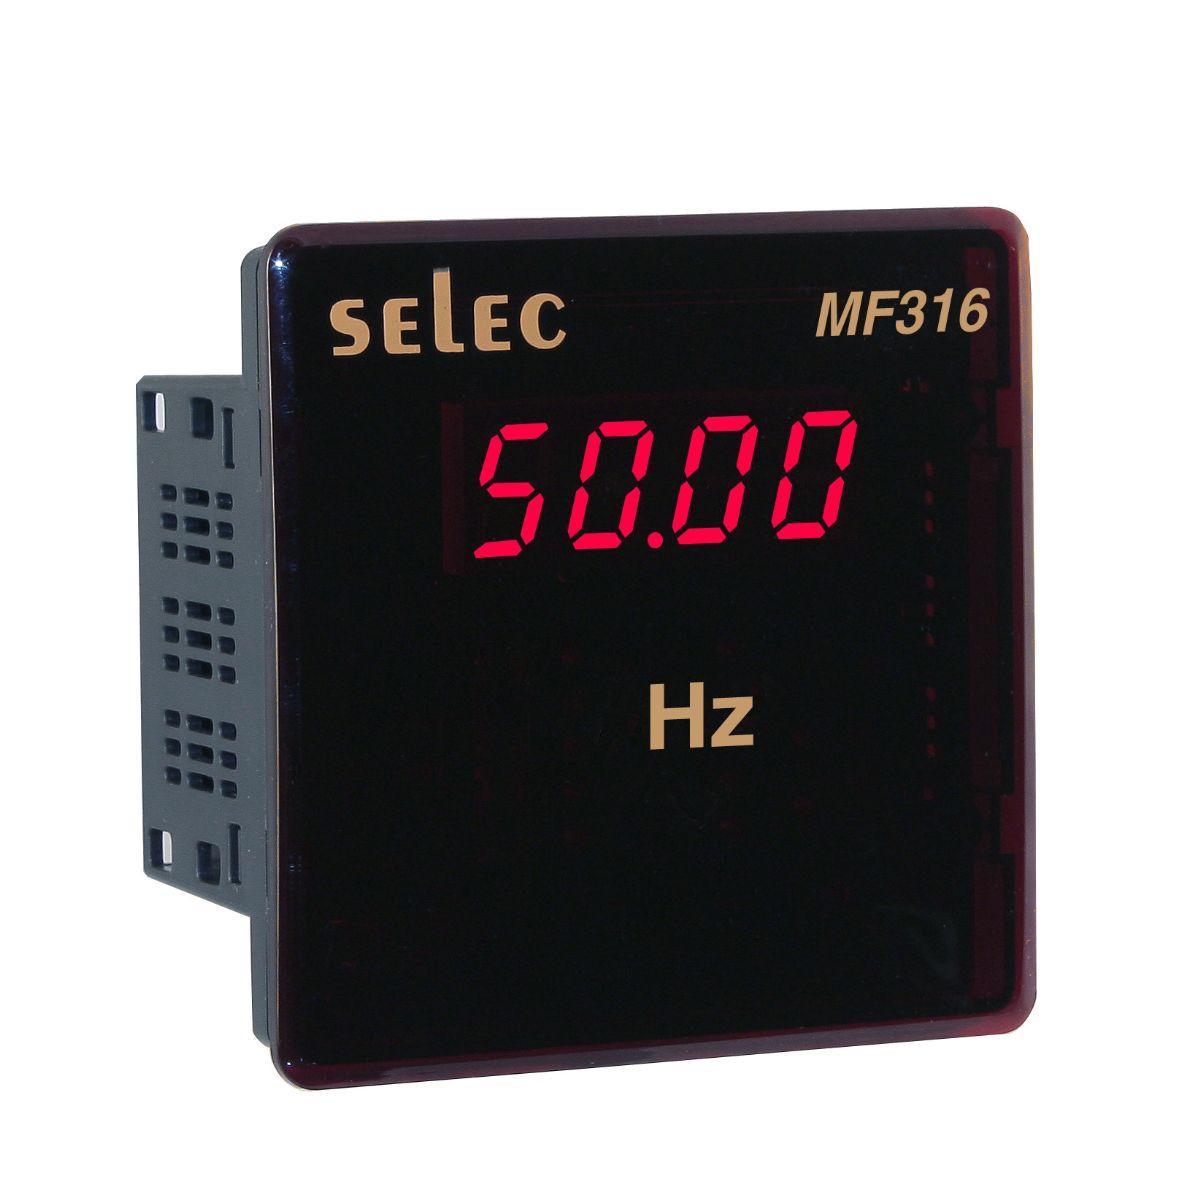 Đồng hồ đo tần số MF316 SELEC